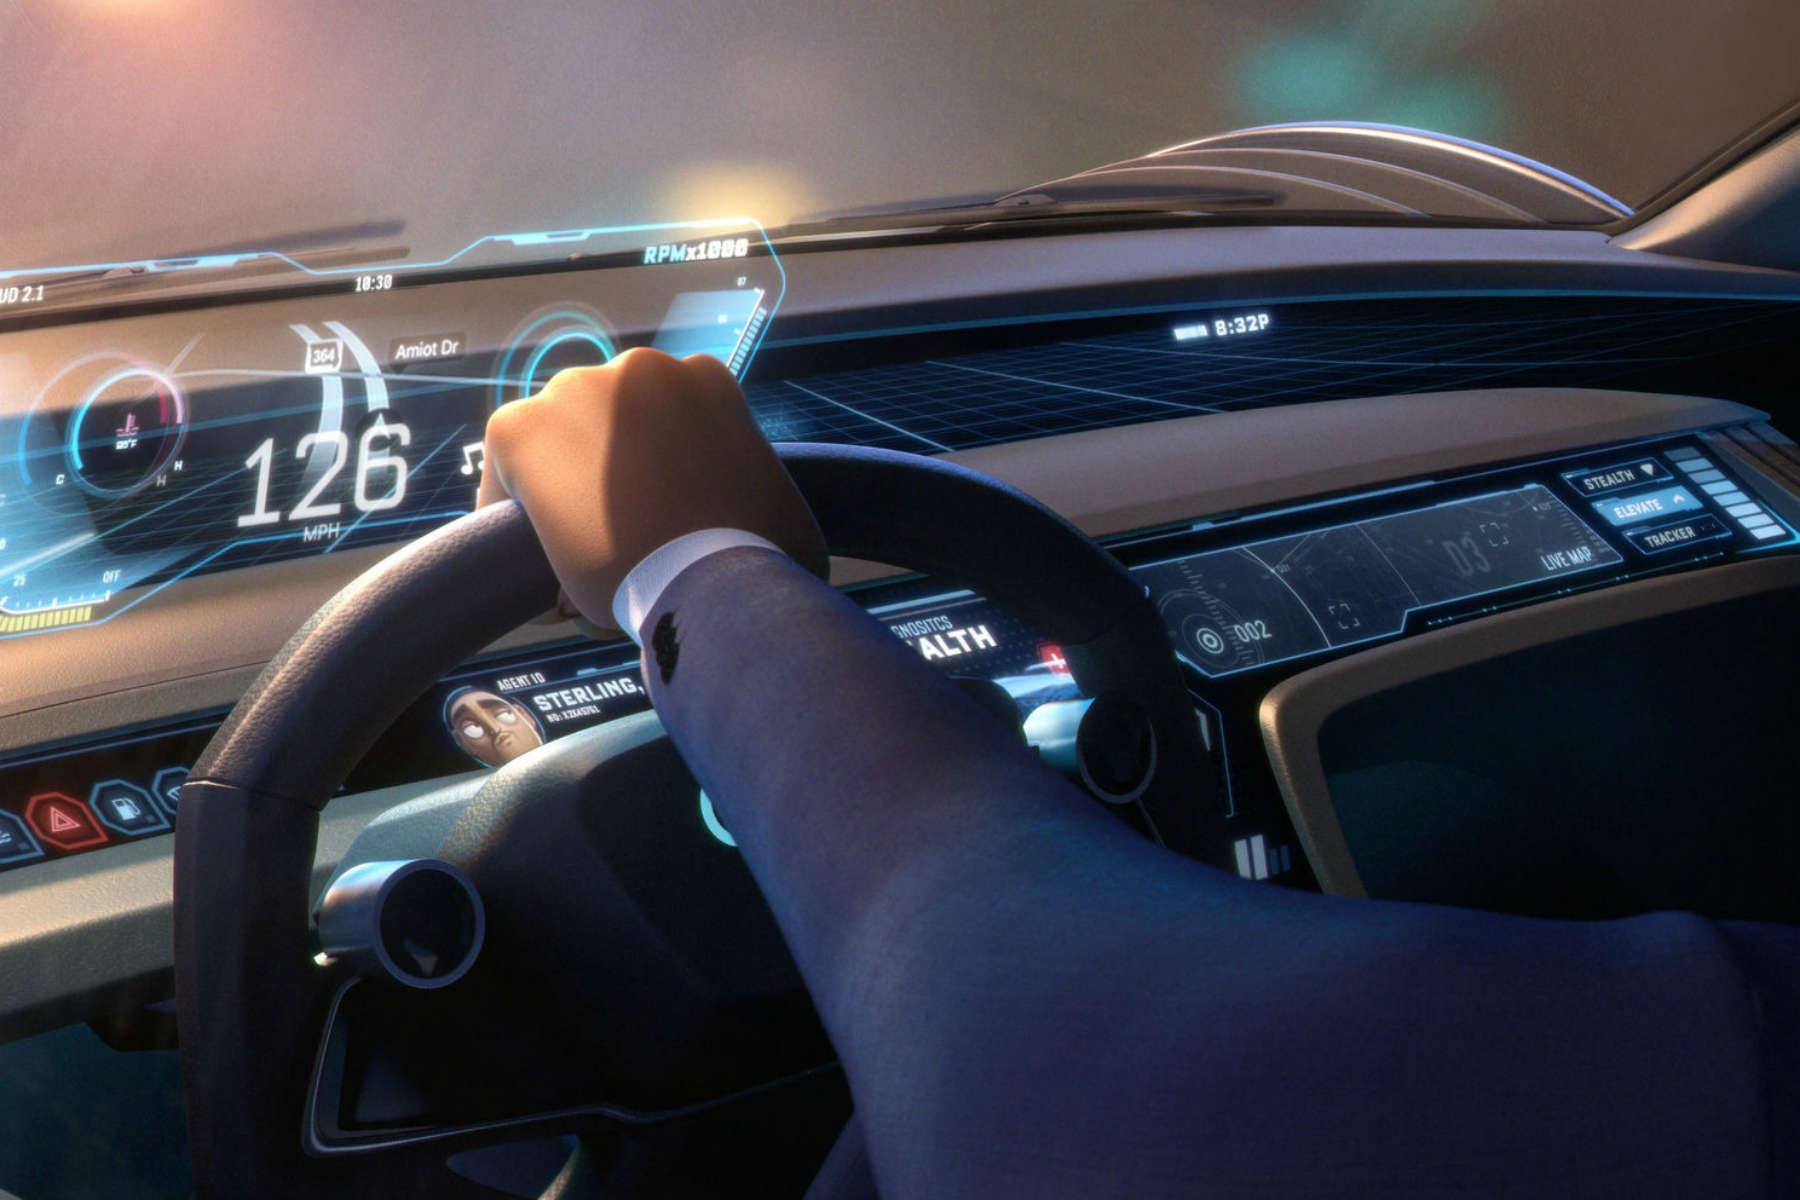 Audi RSQ E-tron dashboard